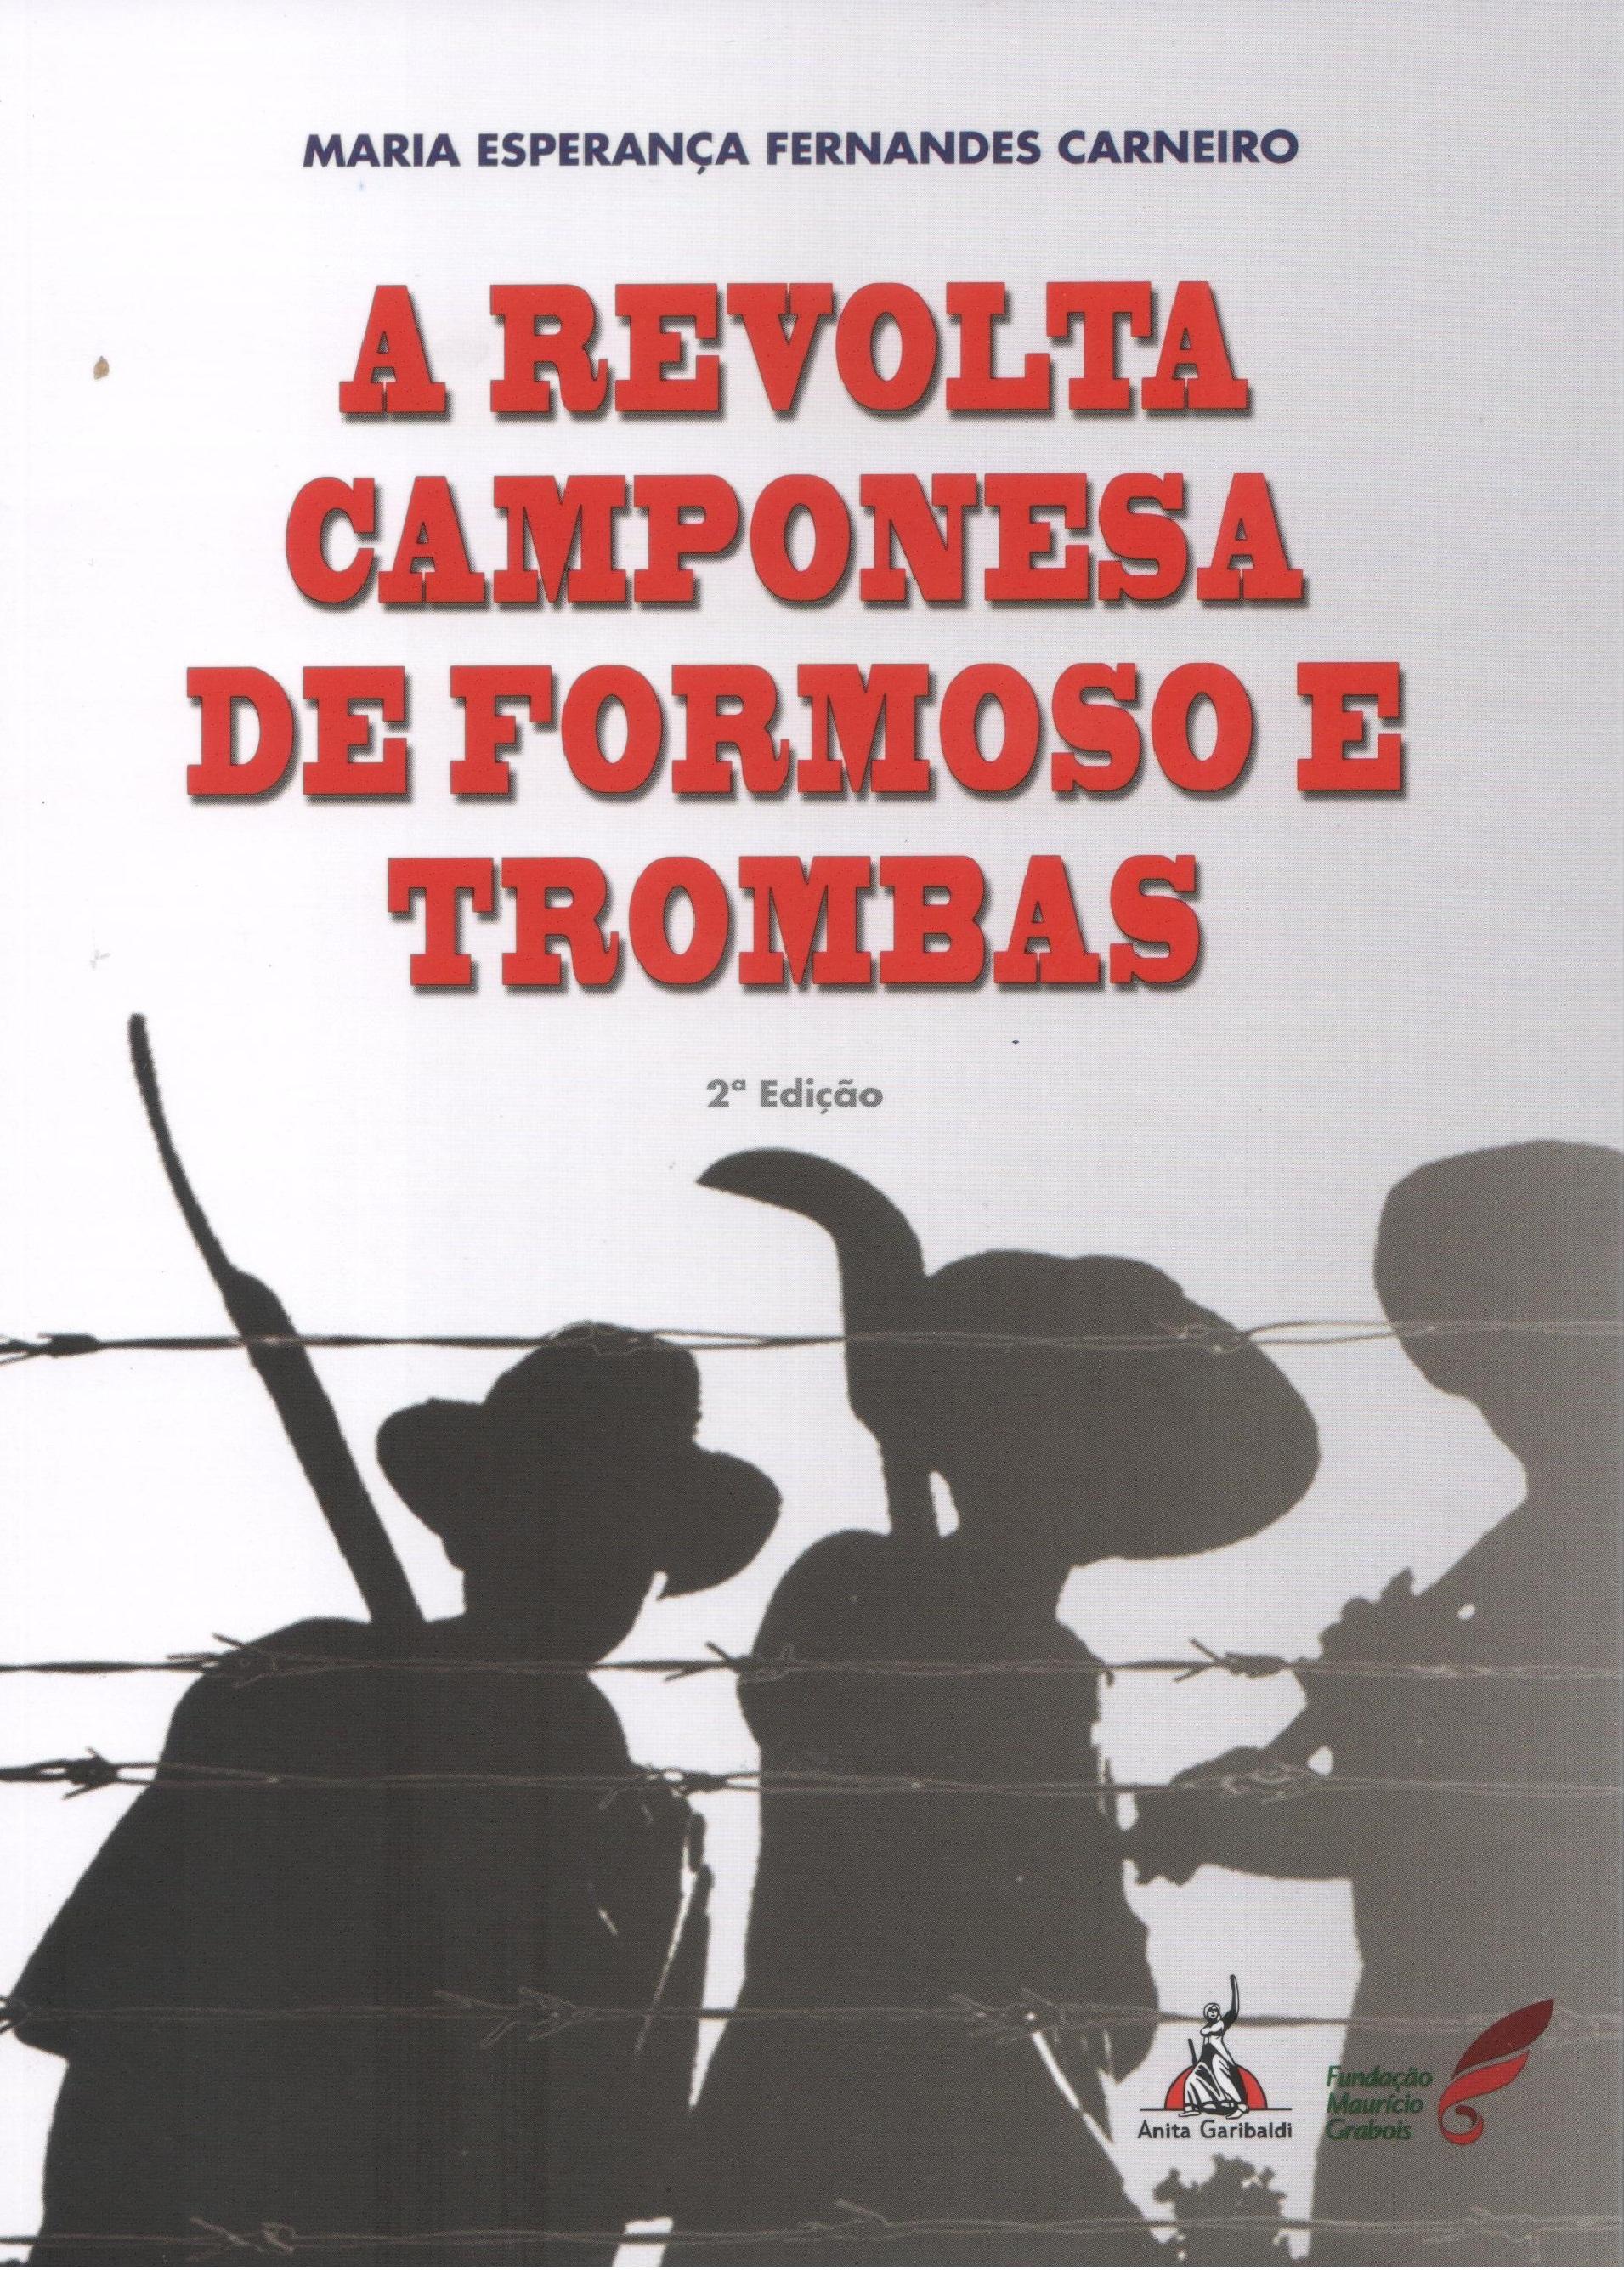 A REVOLTA CAMPONESA DE FORMOSO E TROMBAS